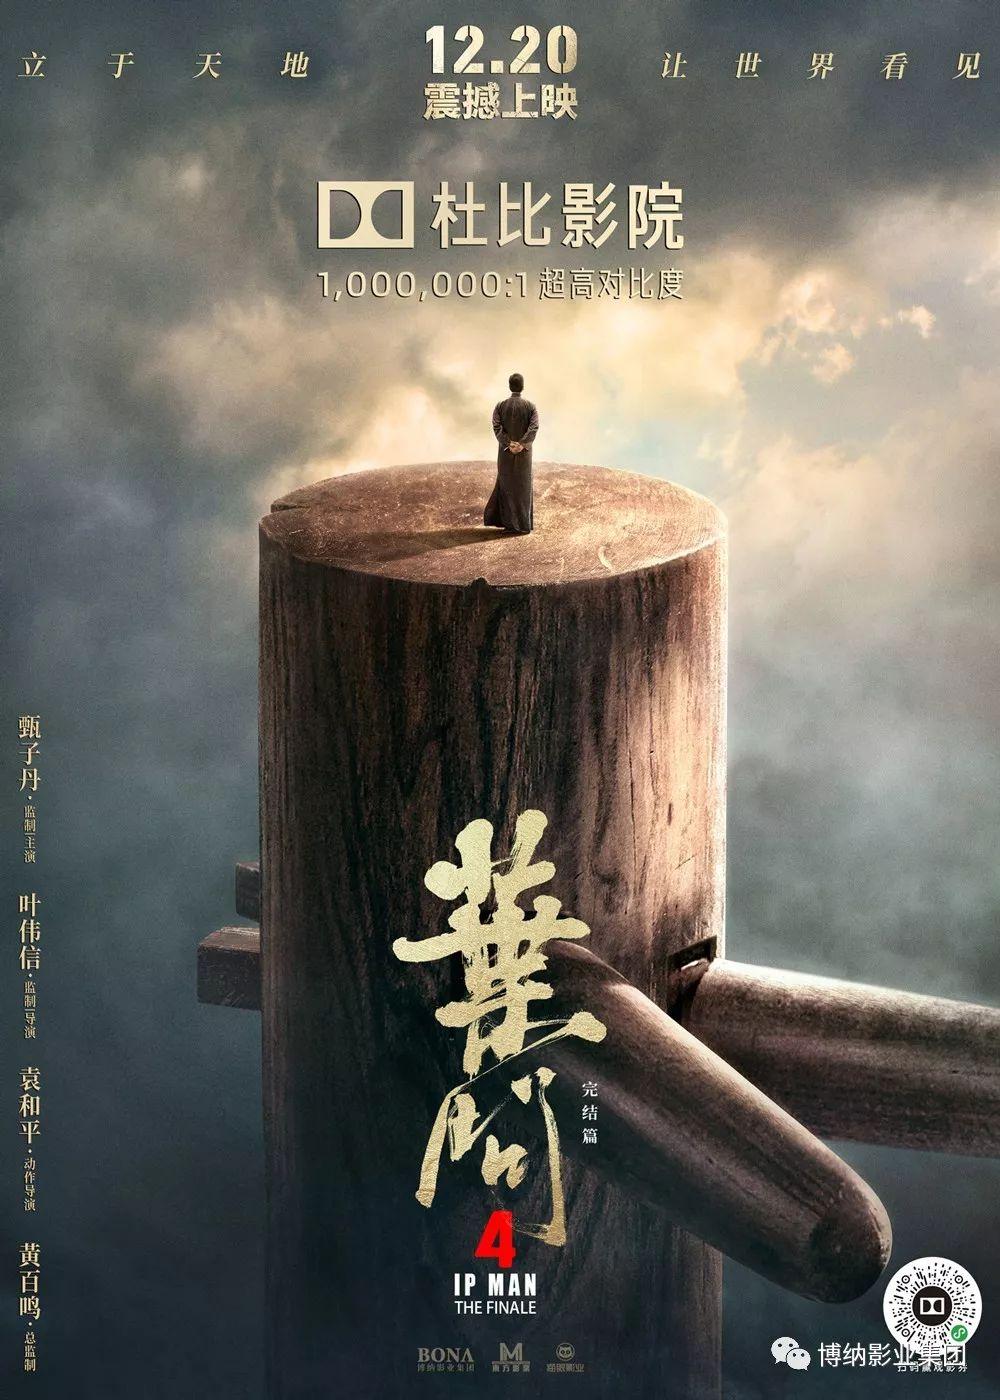 北京博纳影业集团有限公司、上海天马联合影视文化有限公司、天津猫眼微影文化传媒有限